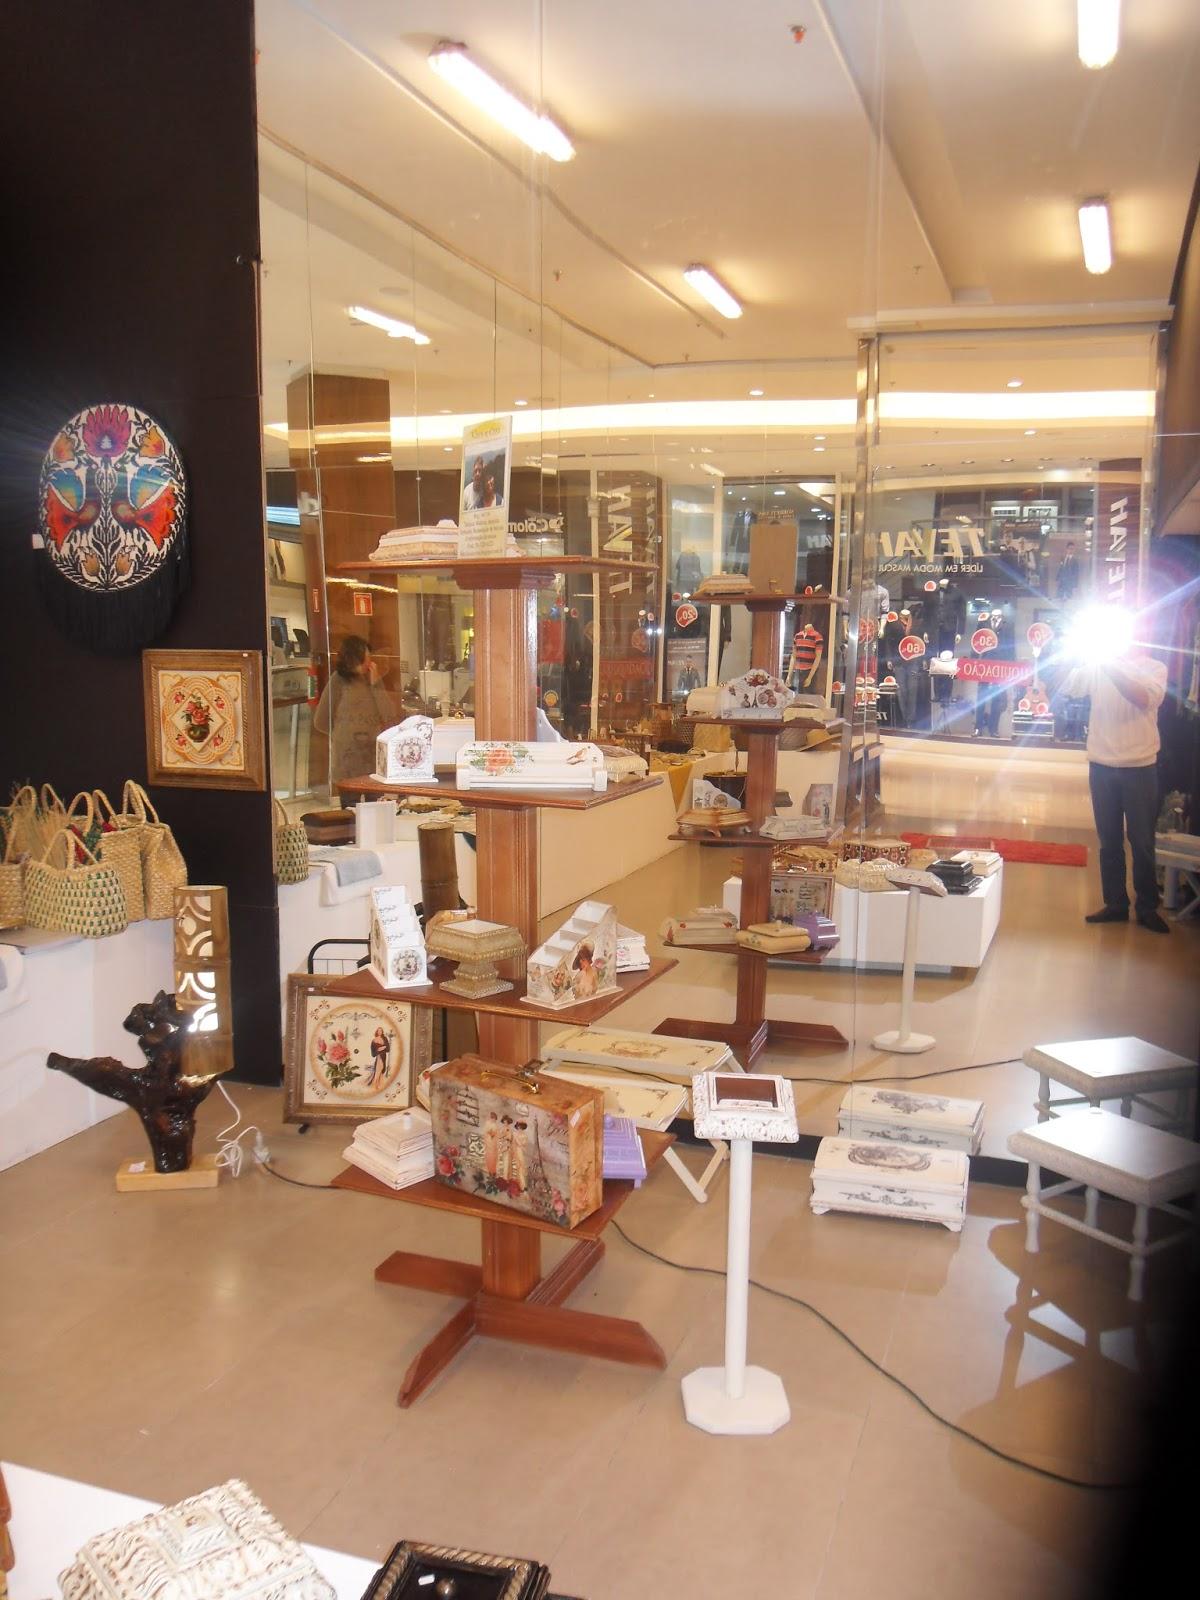 Artesanato Kaminski Telefone ~ klaus e Cissa Arte em Madeira Exposiç u00e3o de Artesanato no Shopping S u00e3o Pelegrino Caxias do Sul